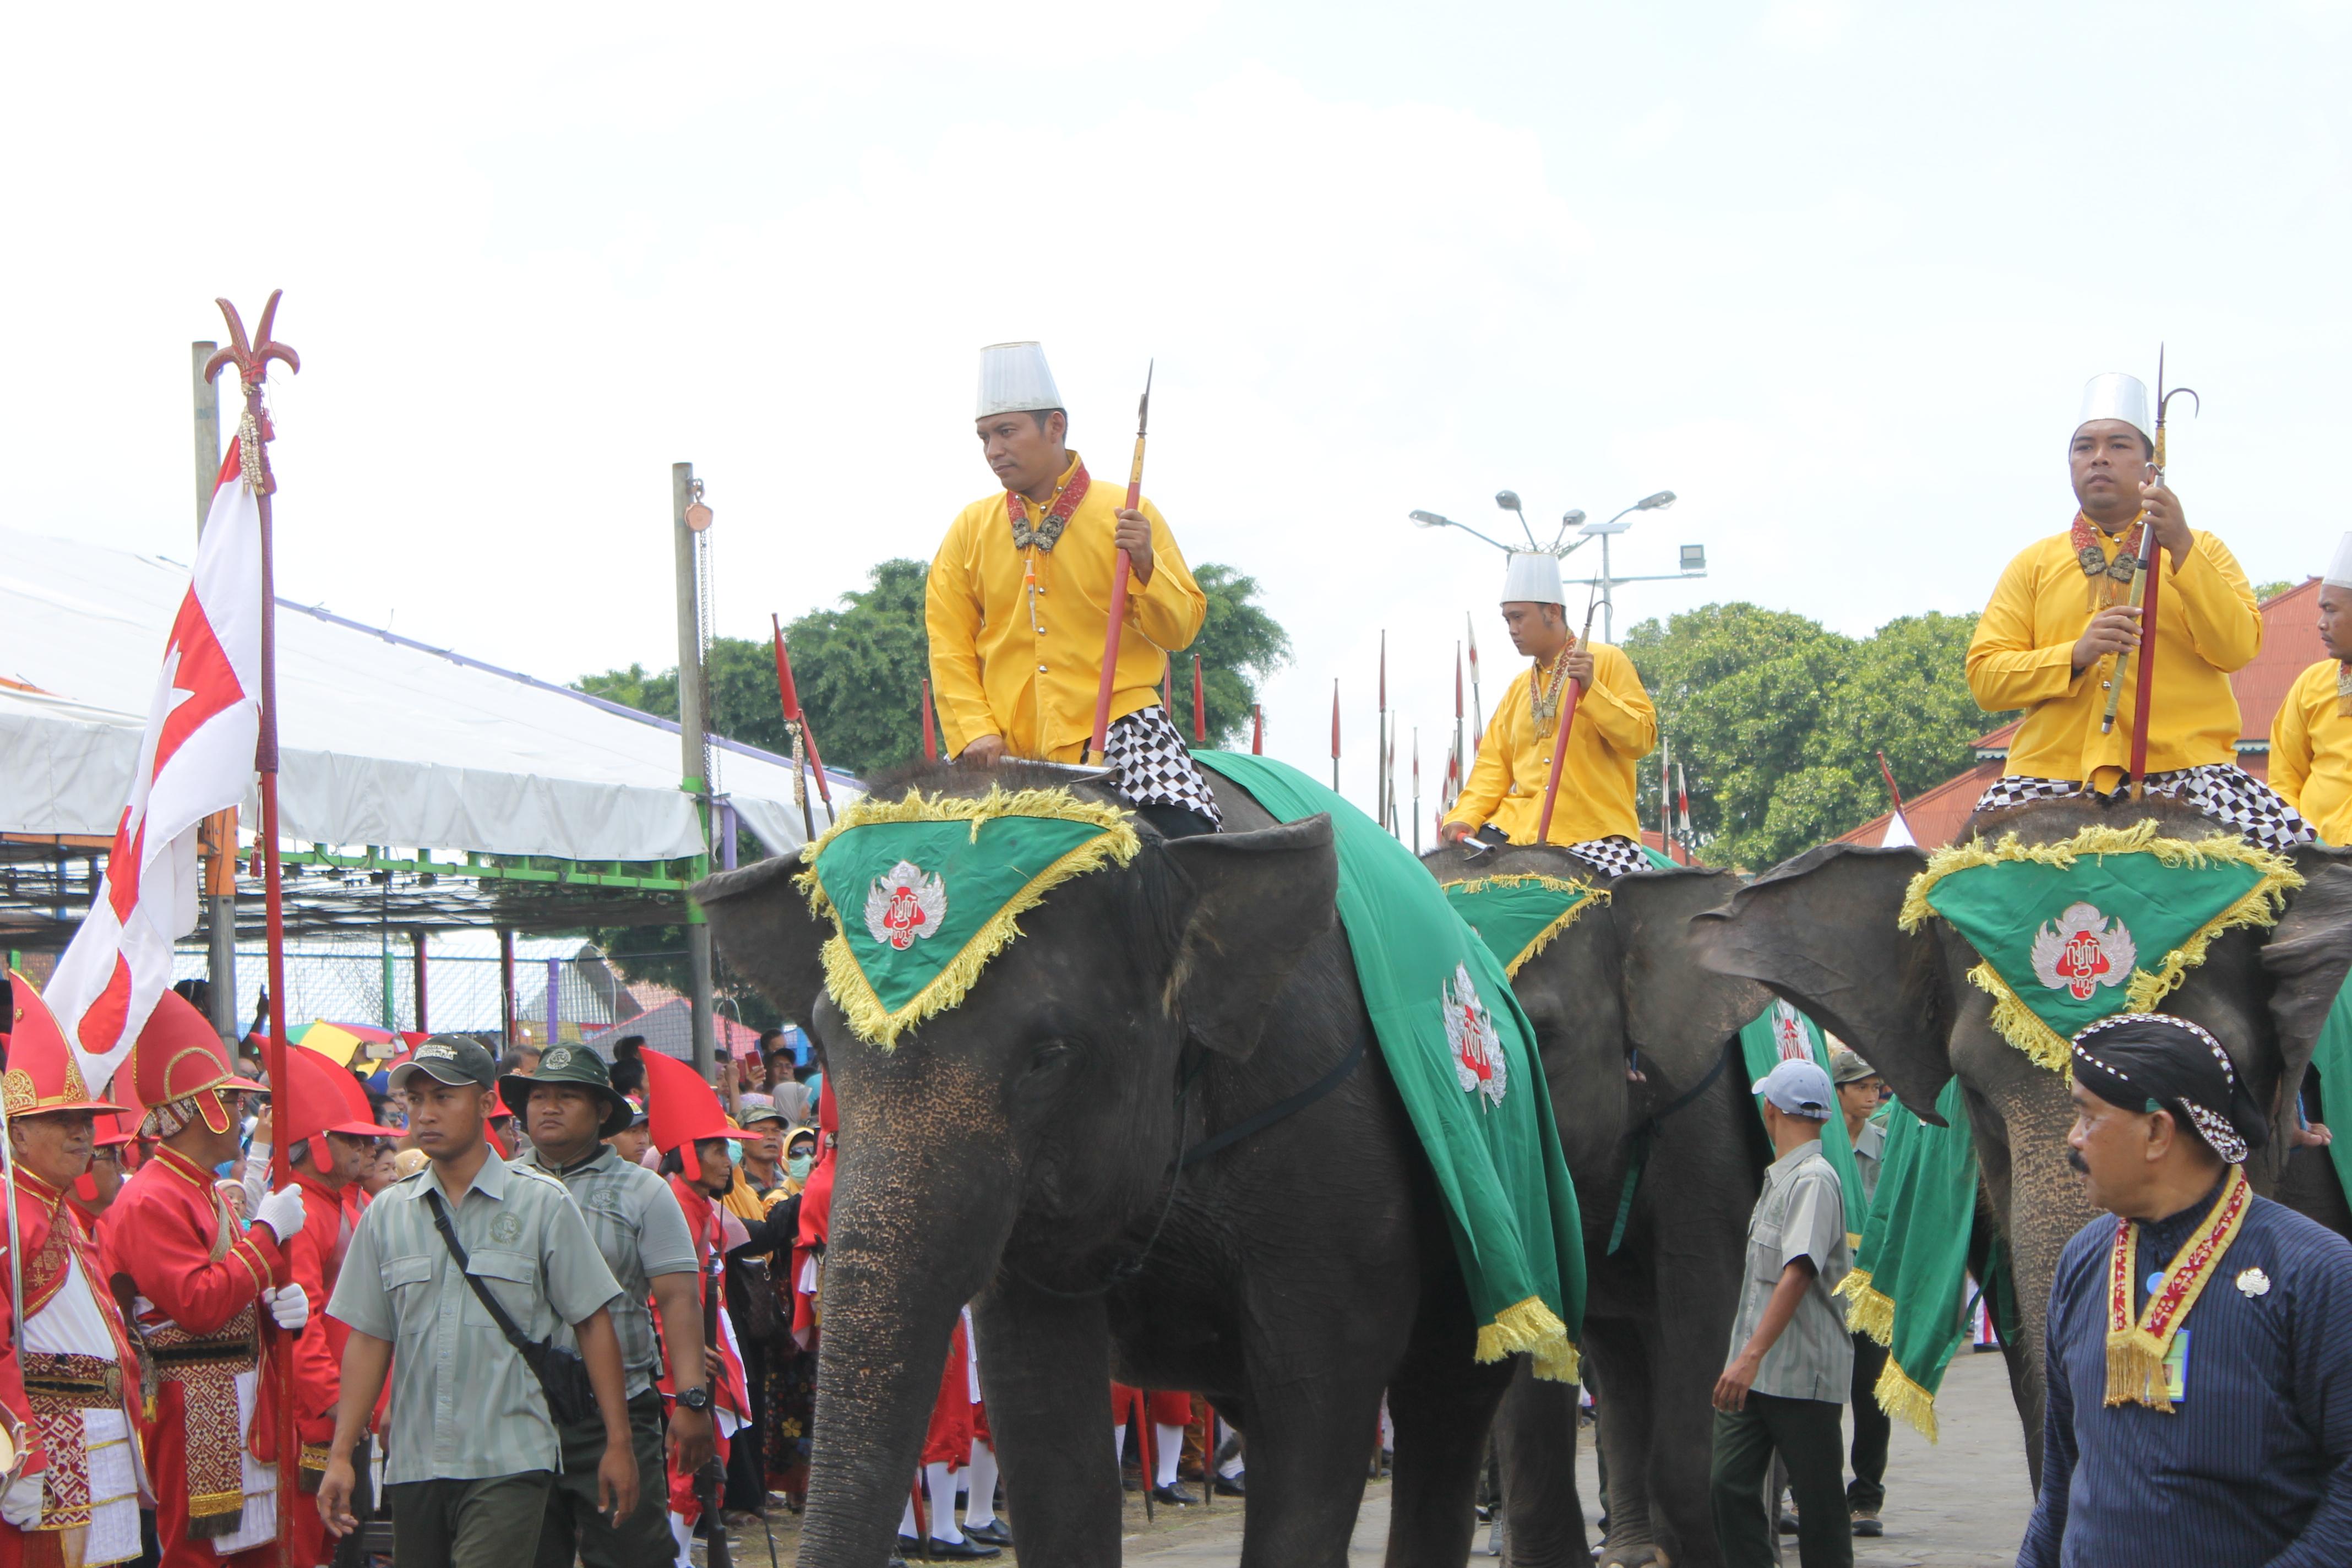 Beberapa Gunungan dibawa menuju Puro Pakualaman dan Kepatihan dengan dikawal empat ekor gajah dan sejumlah prajurit.(Foto : Ilham/Ekonomika)